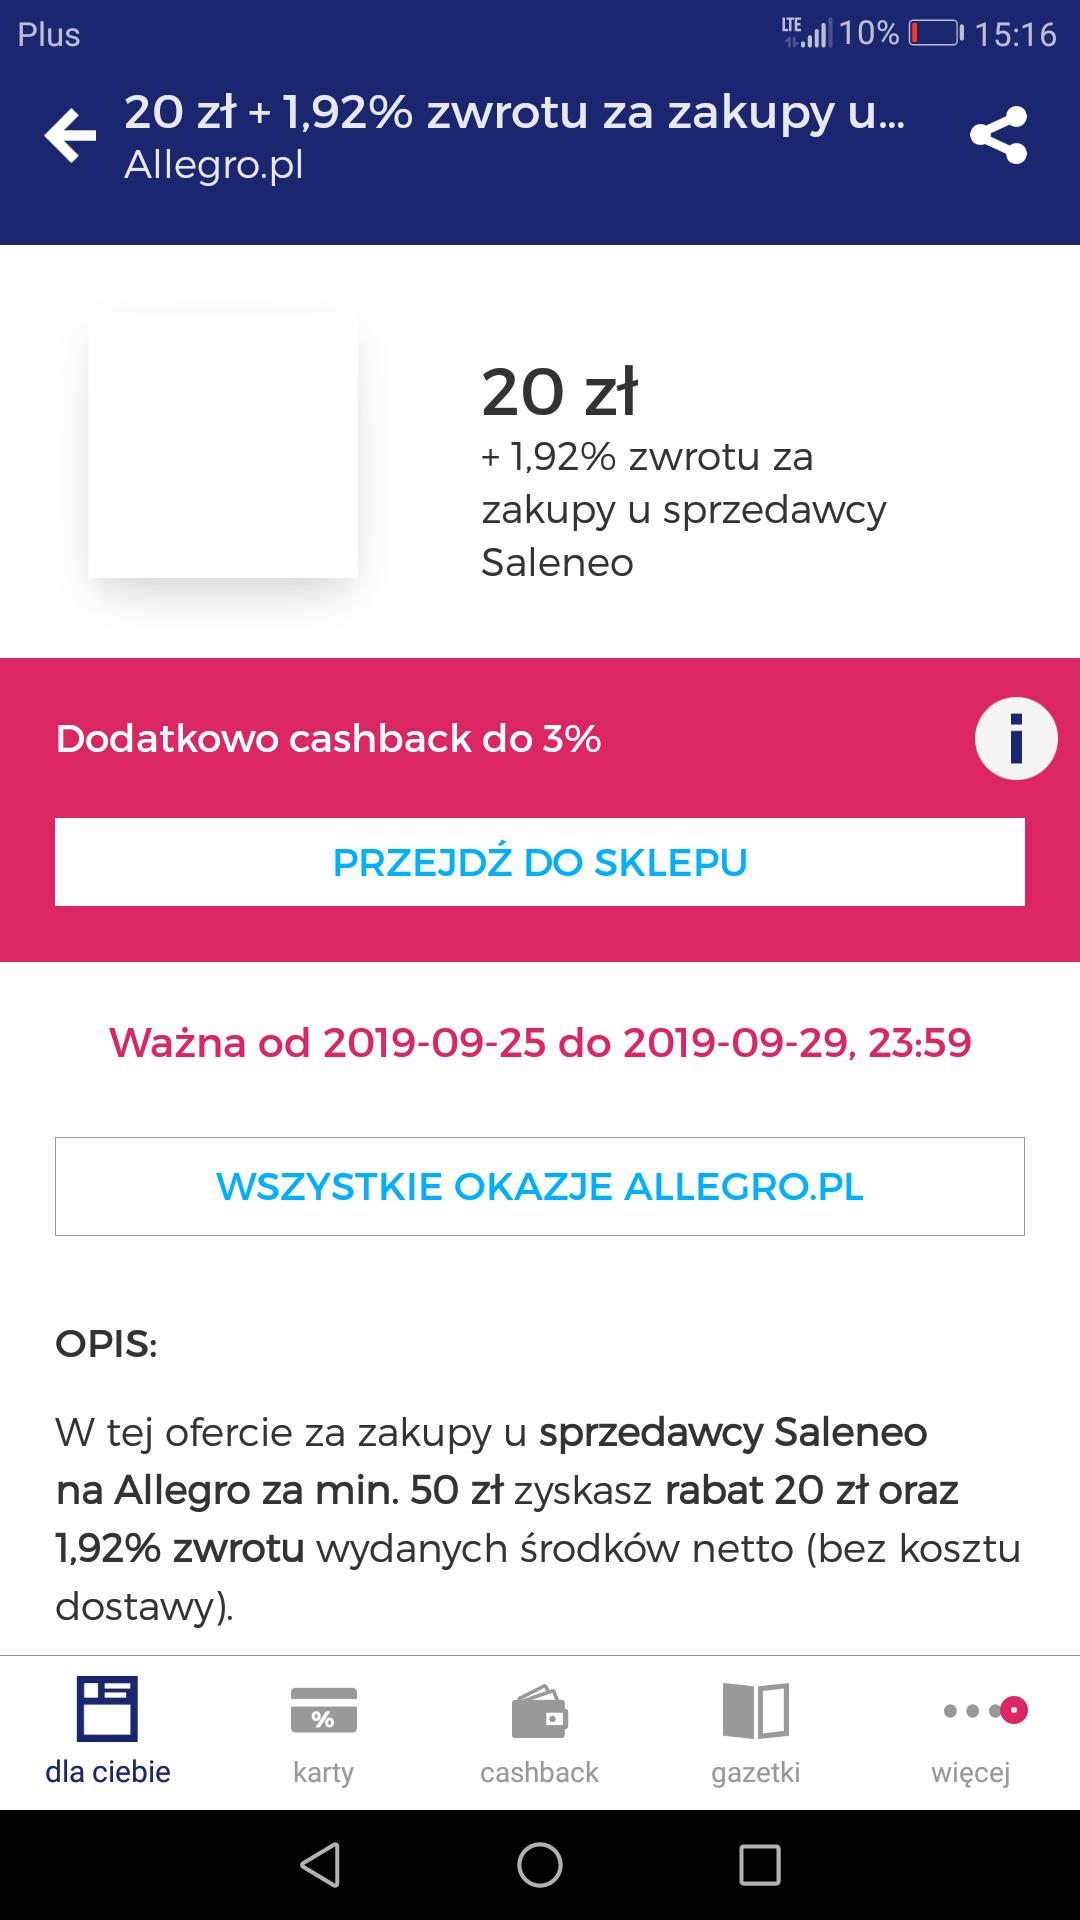 Rabat na allegro z goodie 20 zł